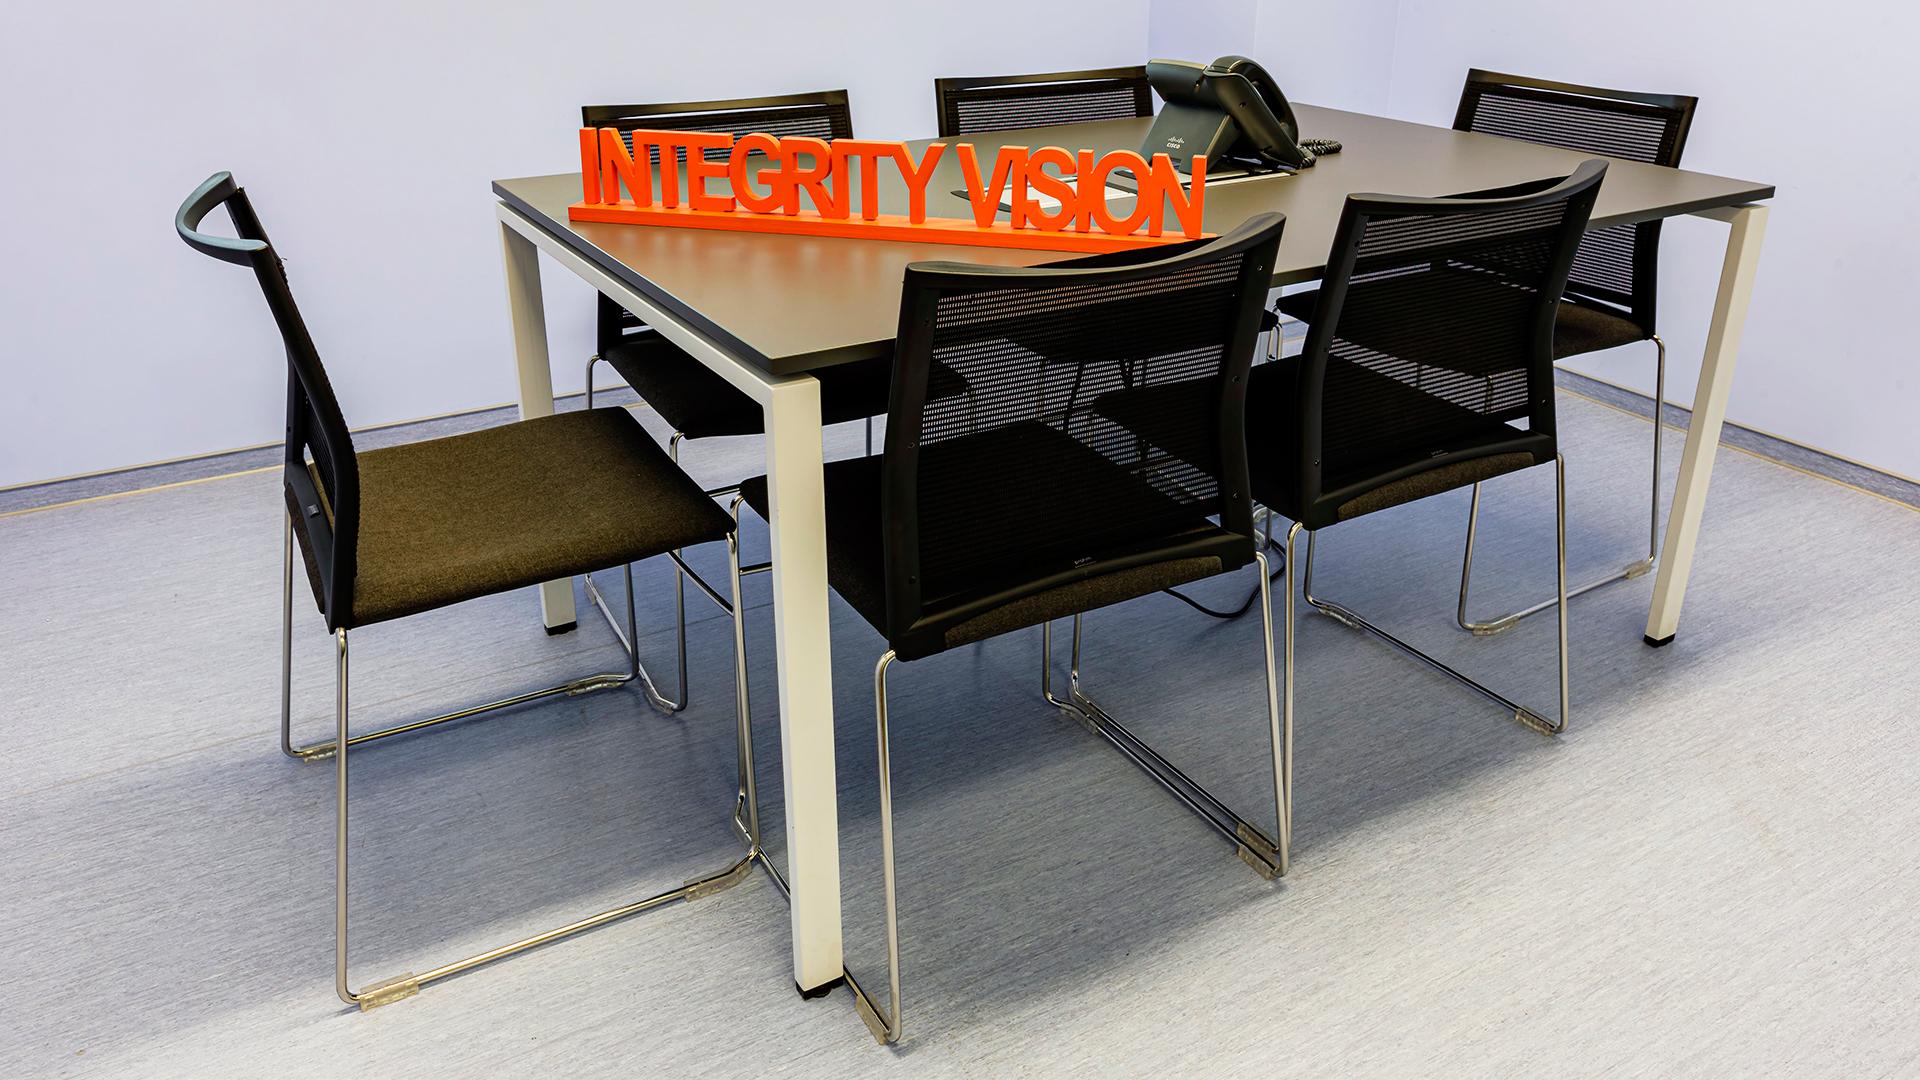 Проєкт офісного простору Integrity vision